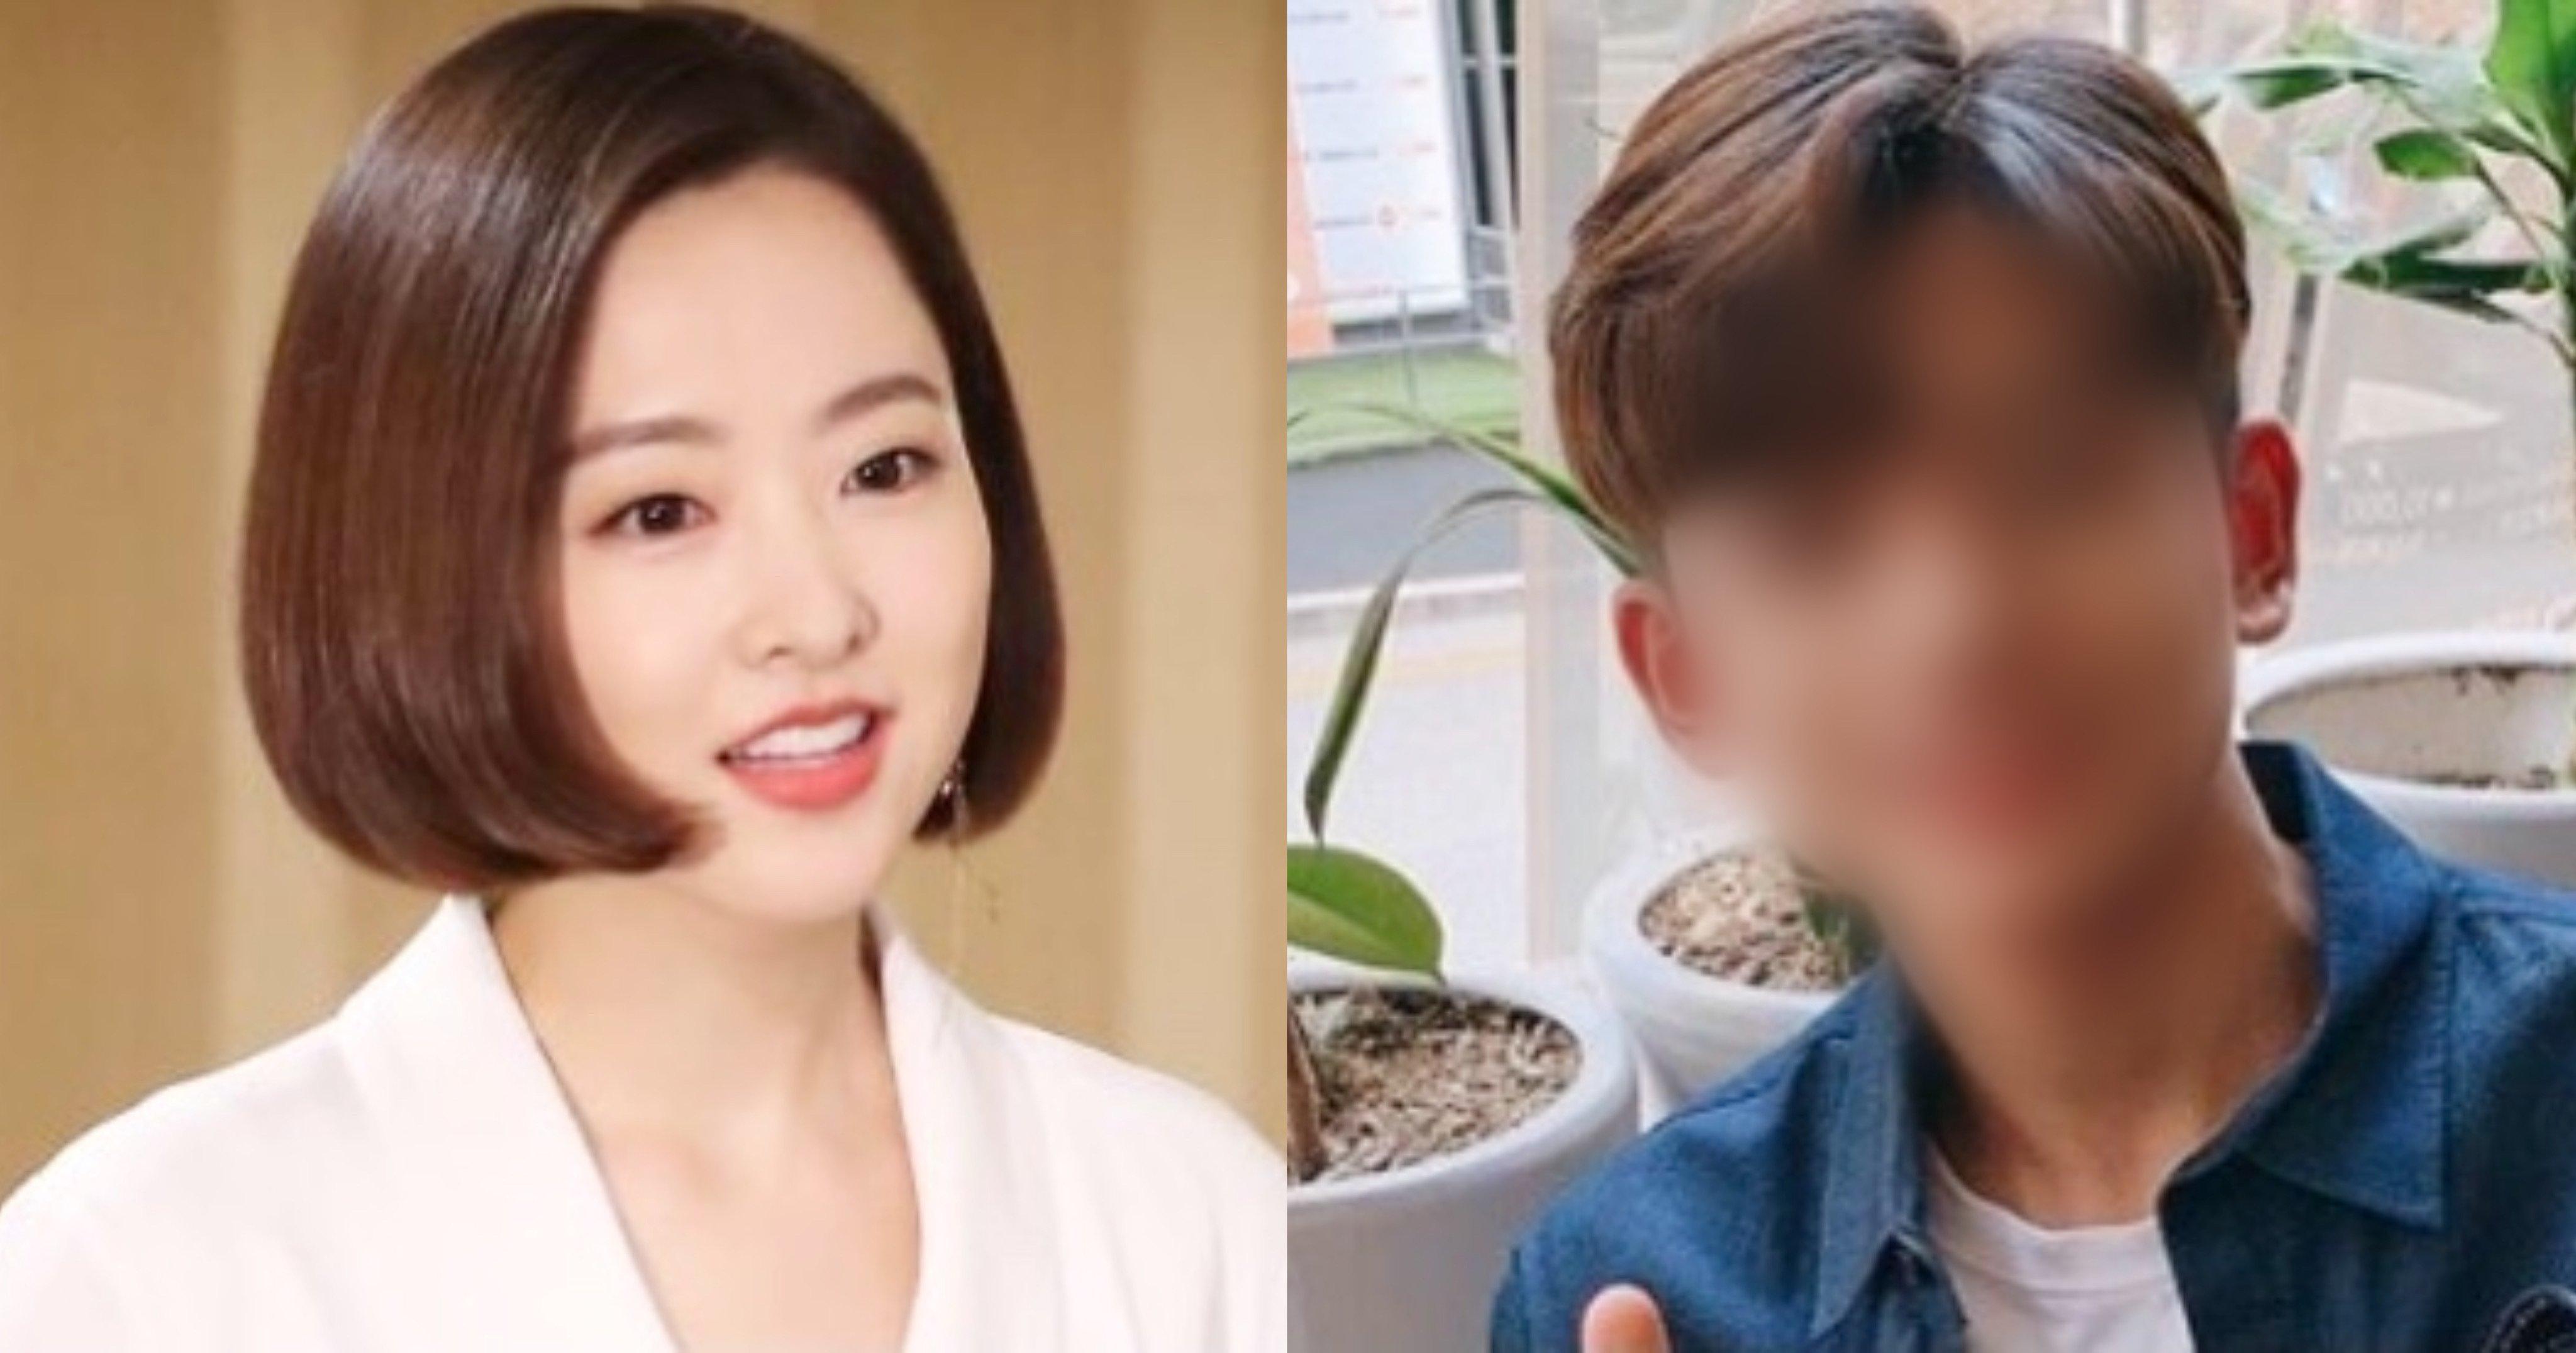 """68549399 e43b 4546 b01b 61c6662add6d.jpeg?resize=412,232 - """"박보영 '청혼' 받았었다""""..박보영에게 청혼했다고 고백한 유명 남자 배우"""